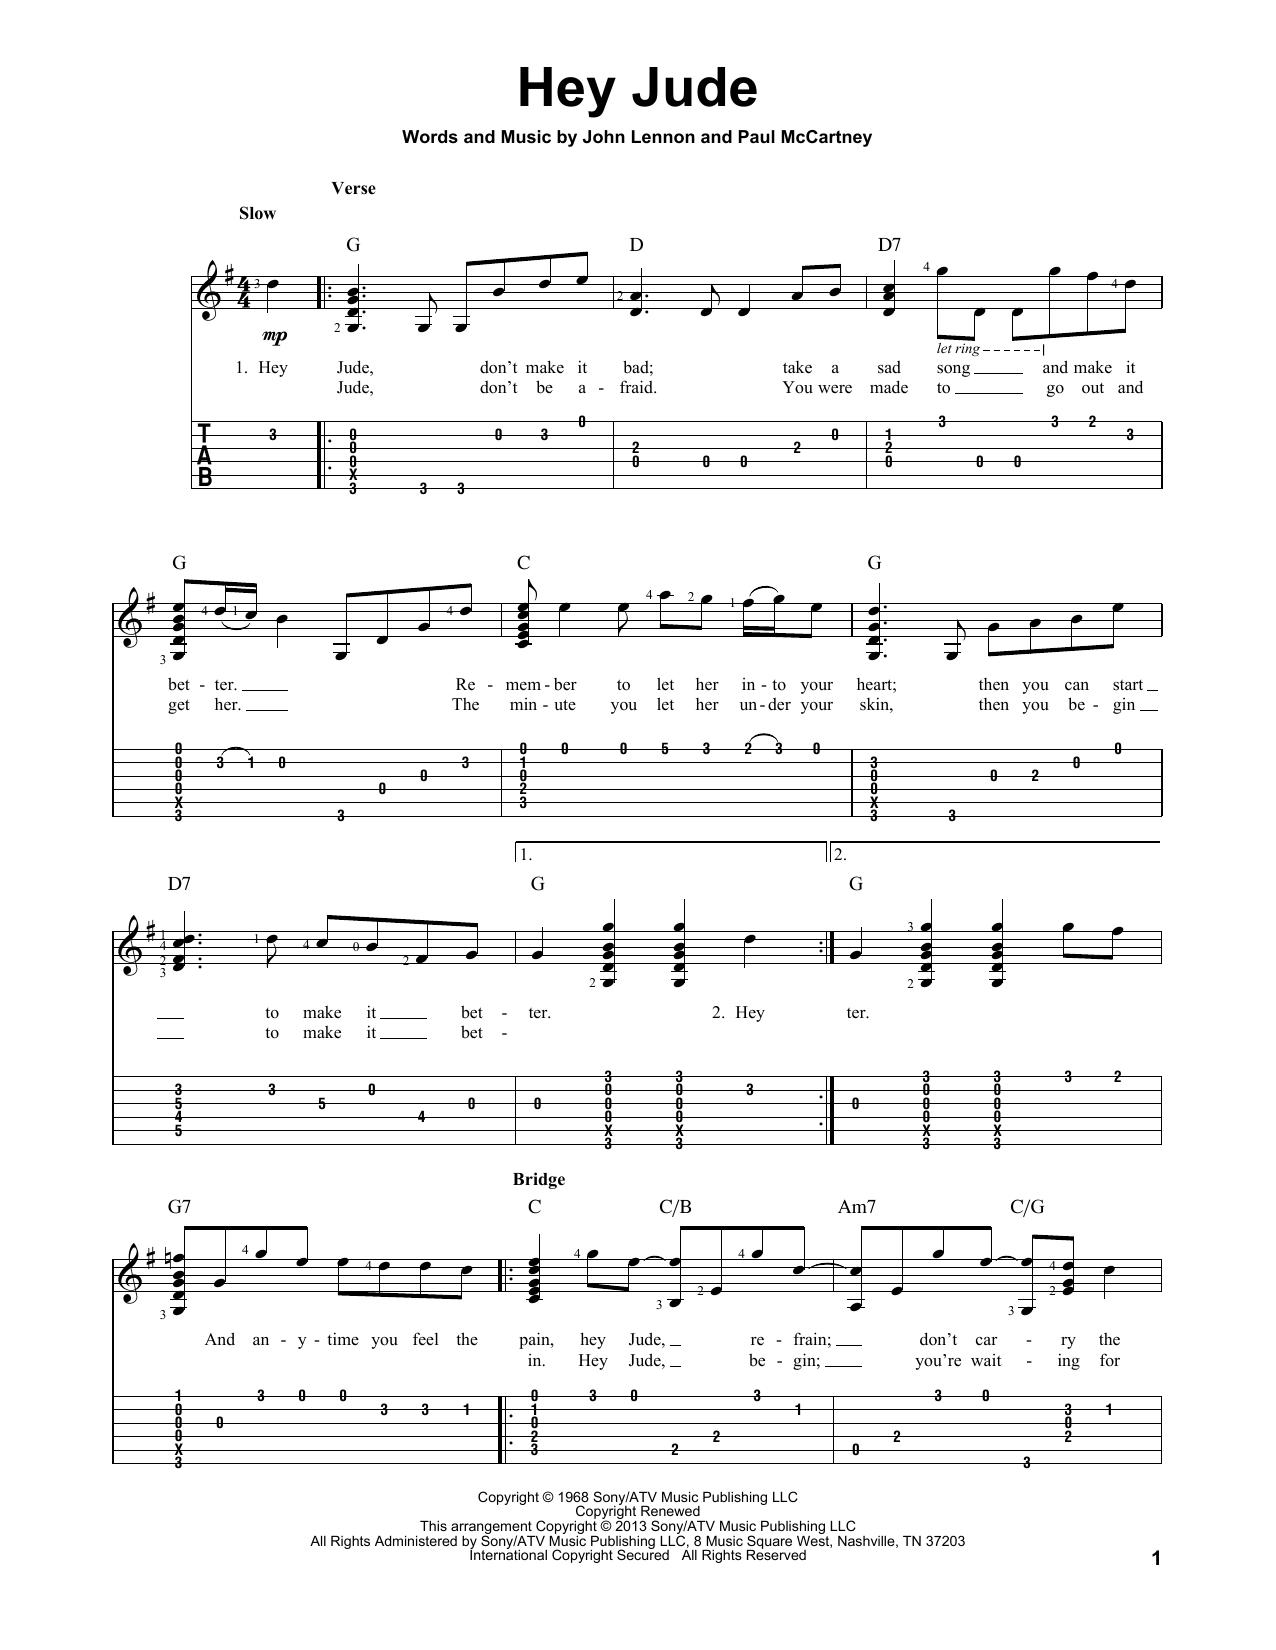 Funky Ukulele Chords Hey Jude Sketch Beginner Guitar Piano Chords